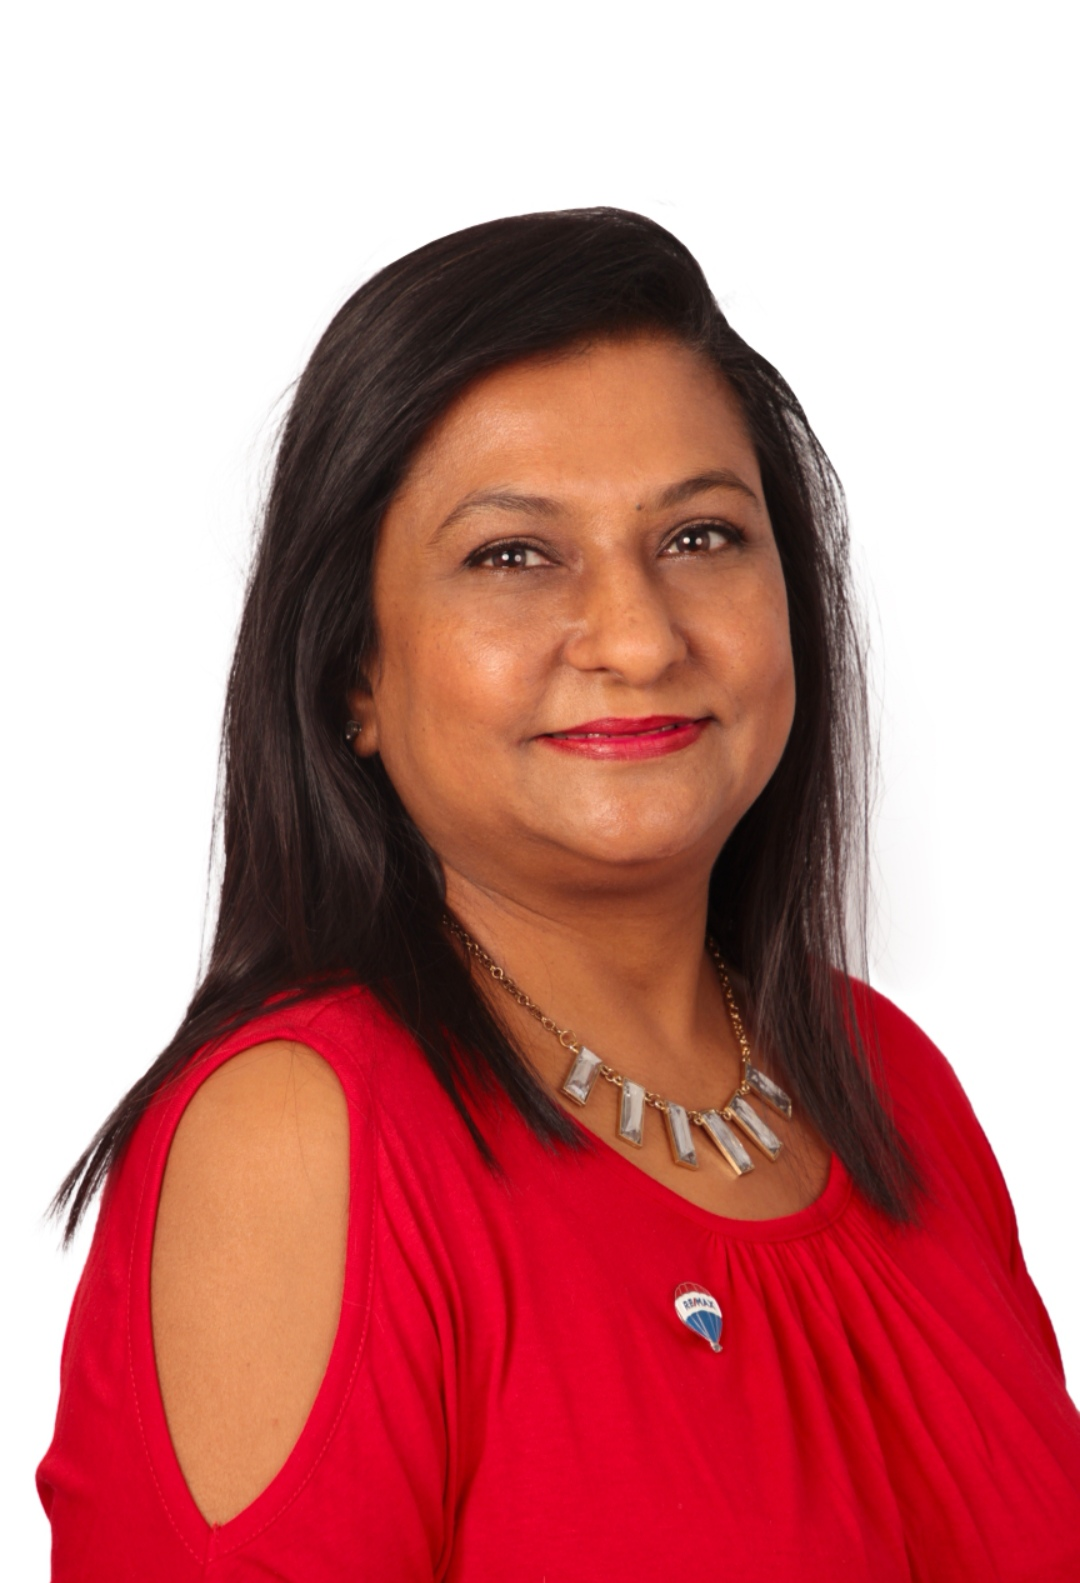 Ashna Rupee